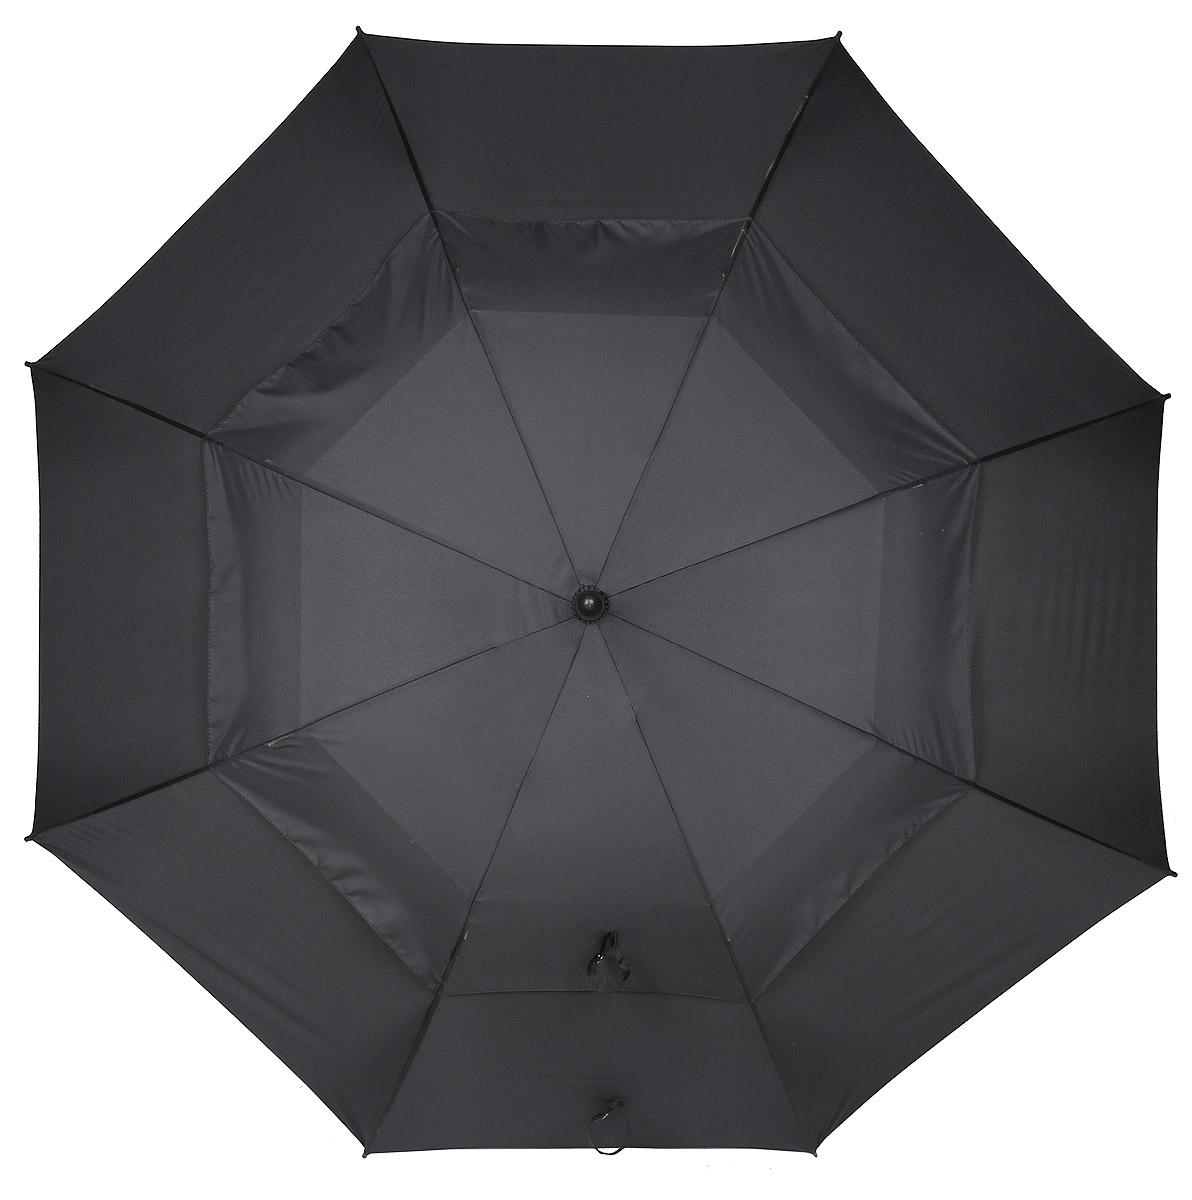 Зонт мужской Flioraj, автомат, 3 сложения, цвет: черный. 232300 FJ232300 FJСдержанность, продуманный стиль, инновационные технологии и современные материалы и сплавы - искусное переплетение инженерных и дизайнерских решений. Плавные линии слегка удлиненной ручки подарят ладоням тепло и комфорт в ненастье. Большой диаметр и форма купола — идеальная защита от дождя. Выдержит любой шторм.